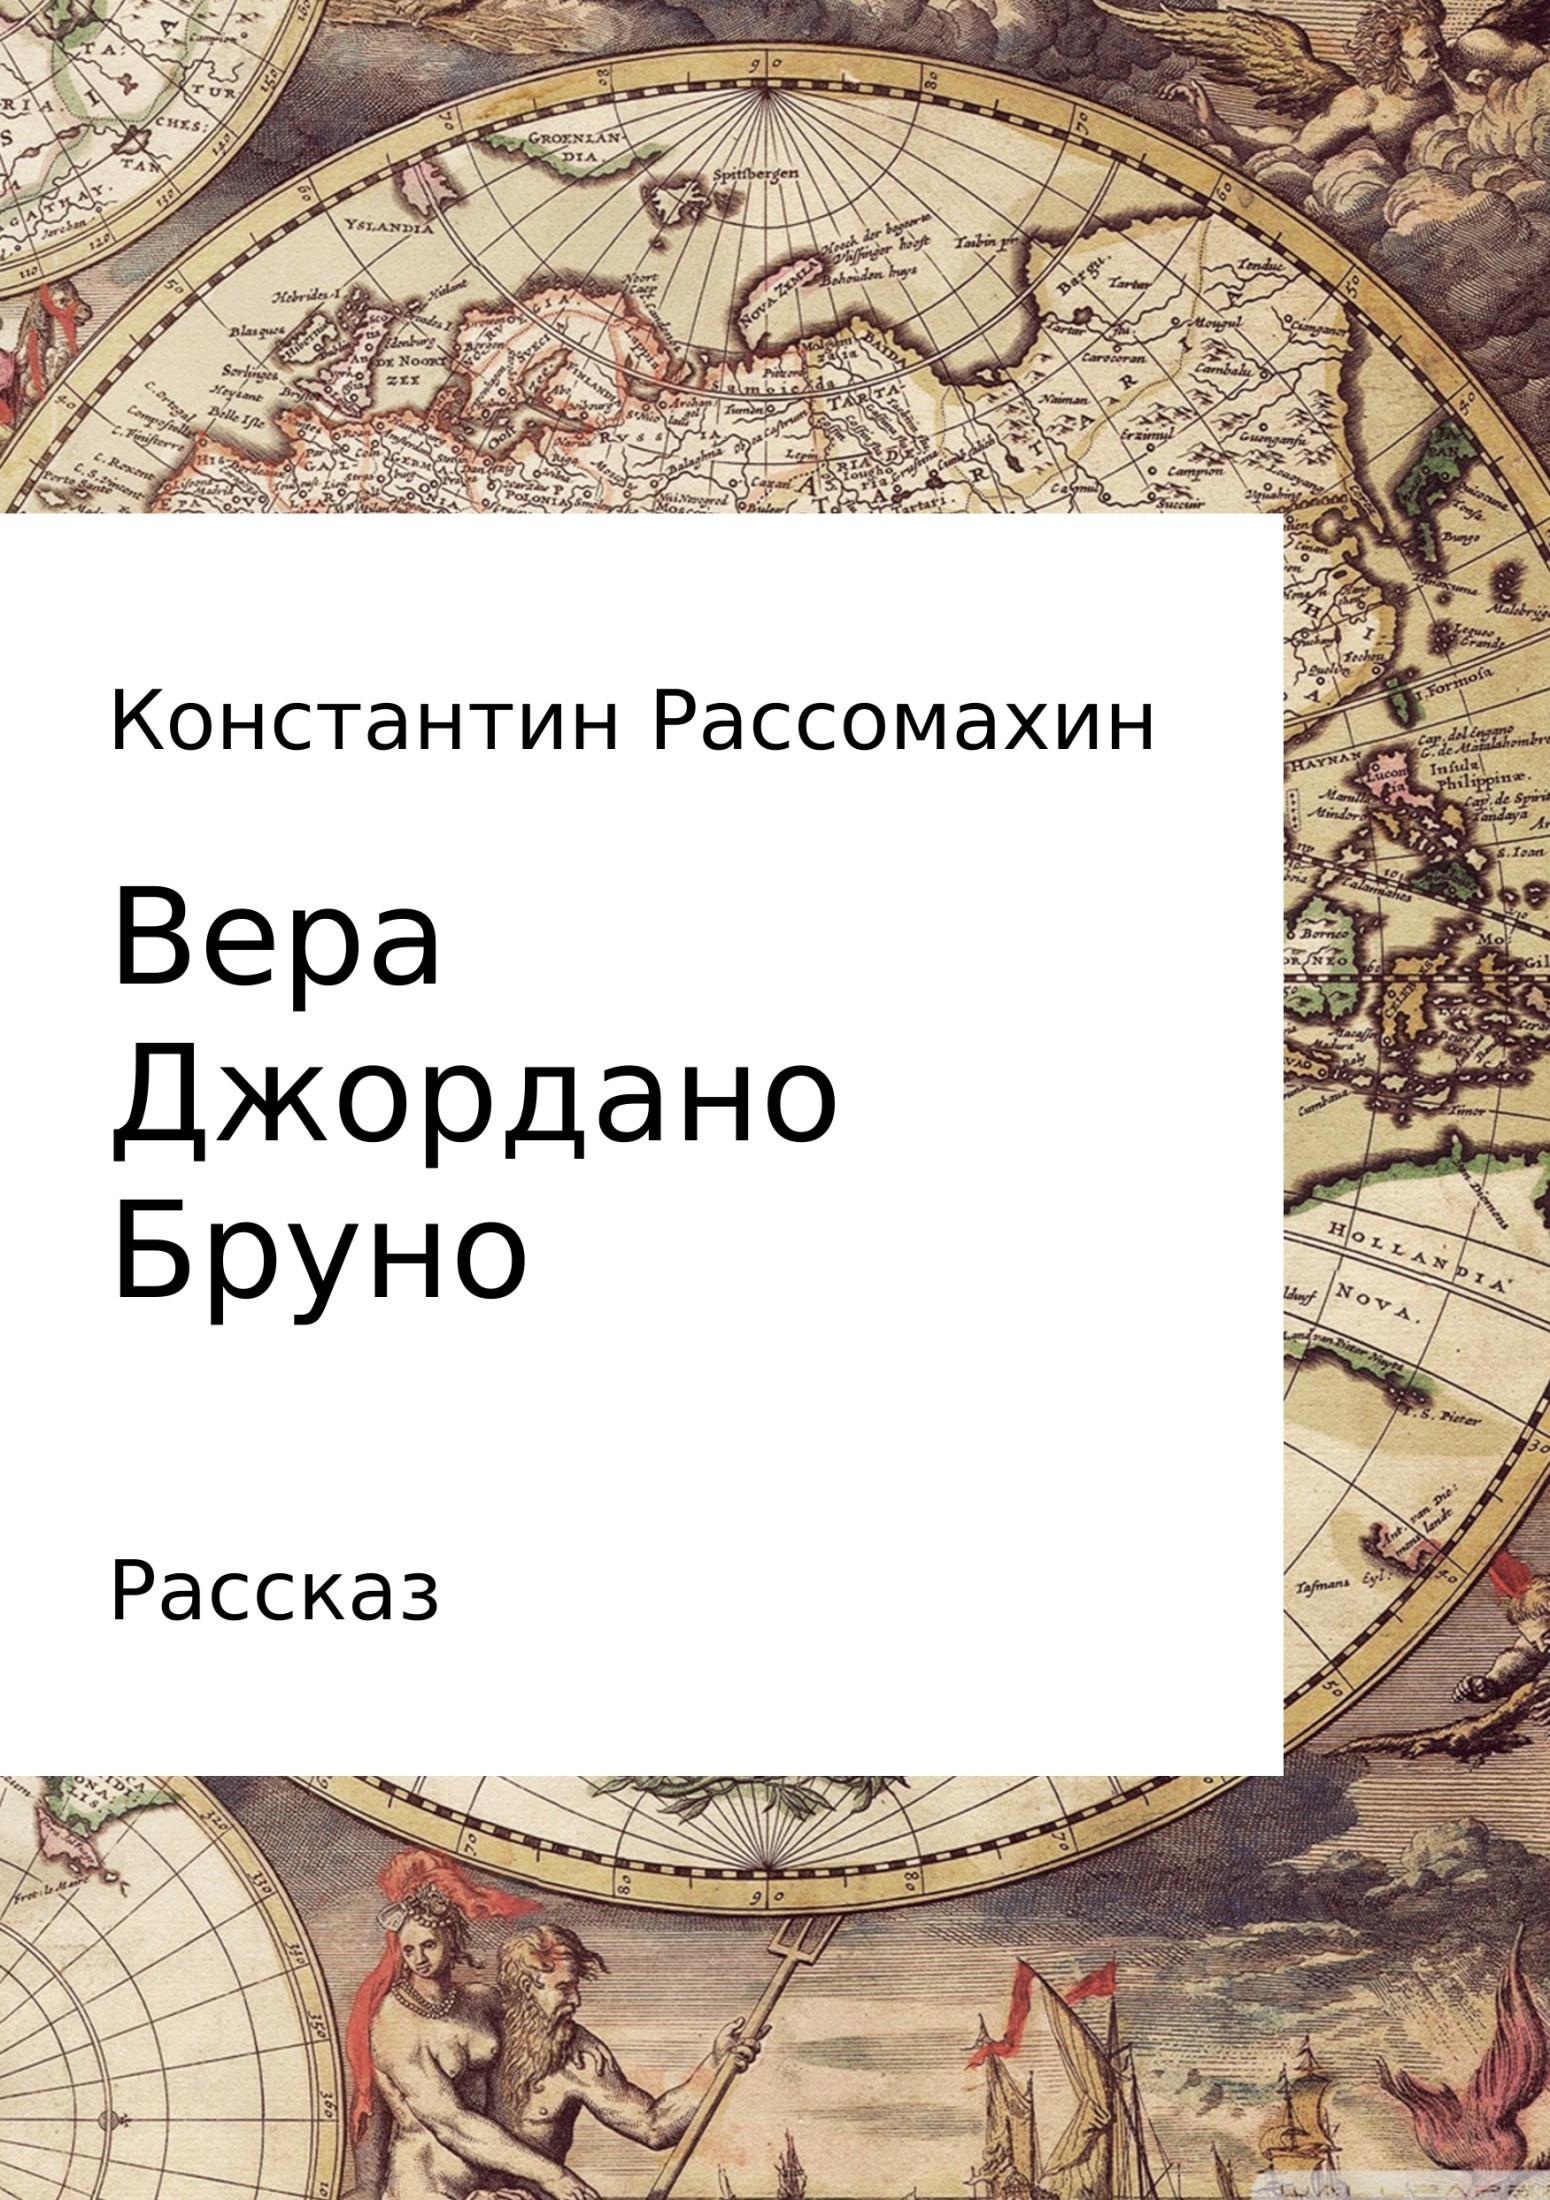 Константин Александрович Рассомахин Вера Джордано Бруно